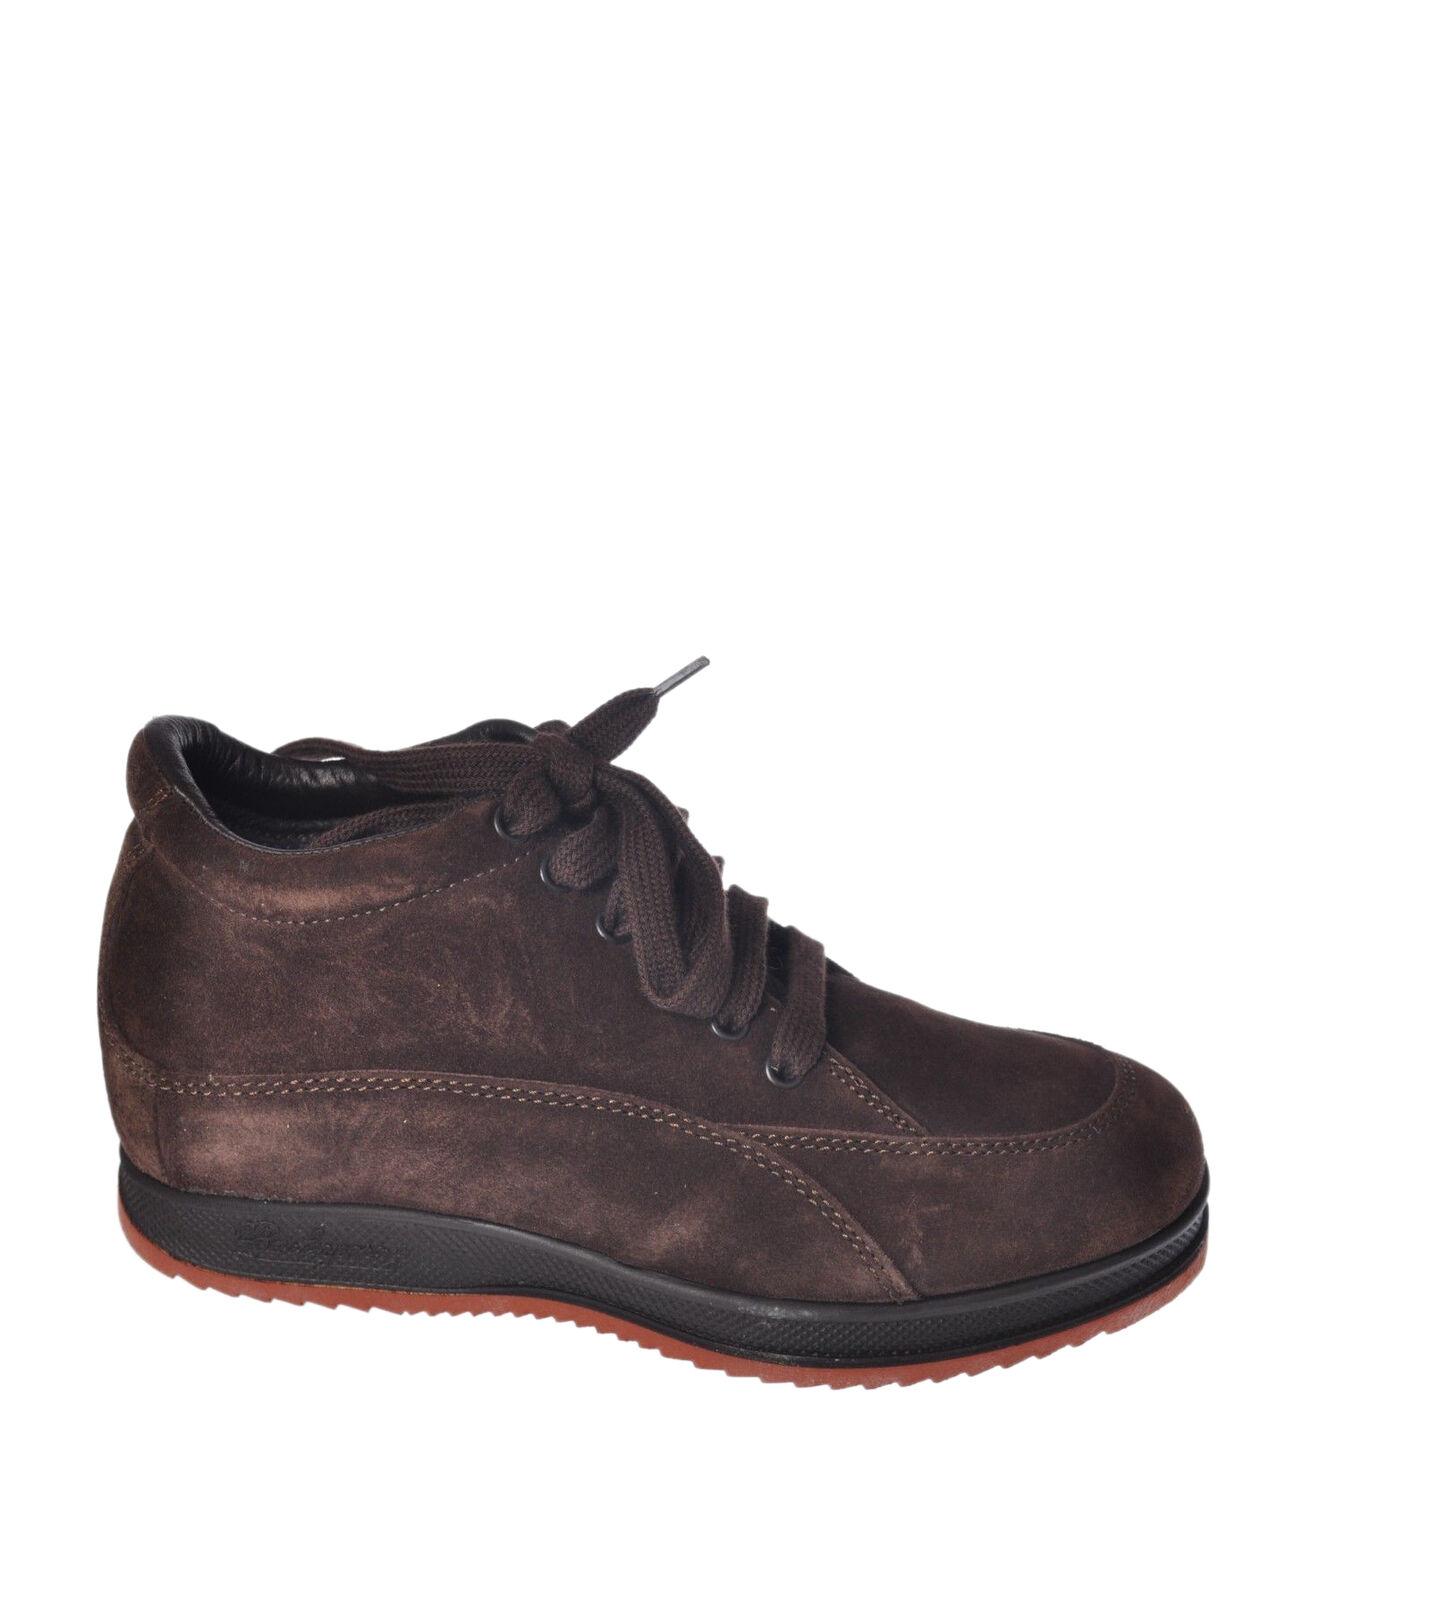 Barleycorn - zapatos-zapatillas - - - Woman - marrón - 5145520C183740  salida para la venta